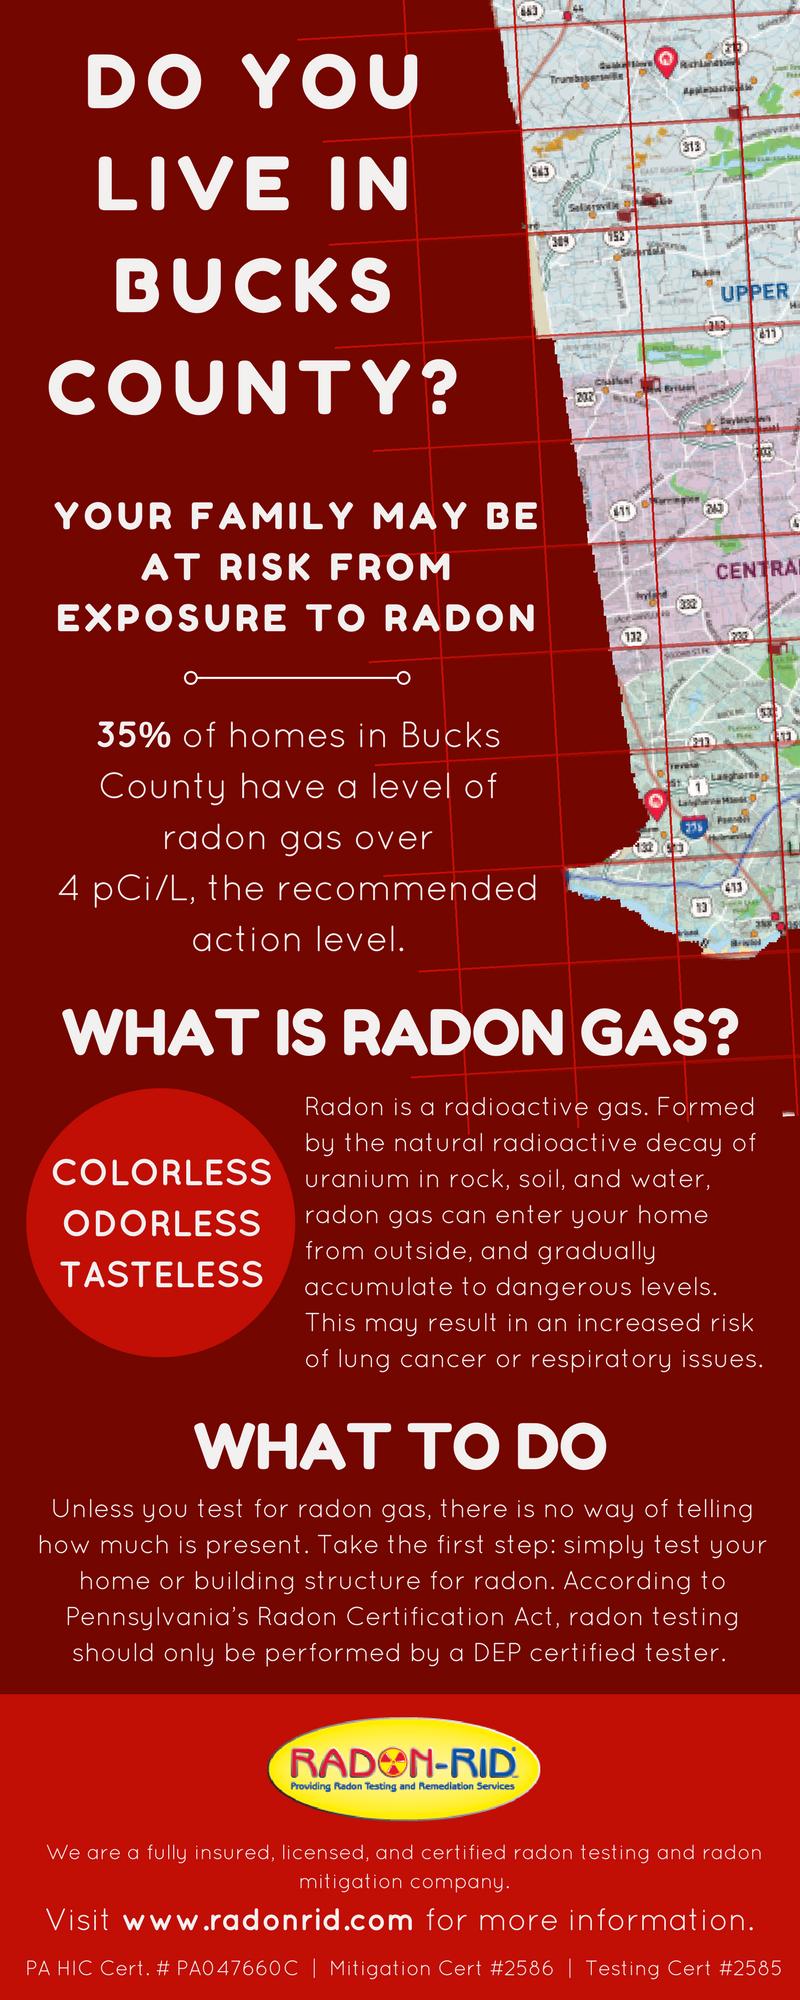 Radon Testing and Remediation in Bucks County   Radon-Rid   LLC